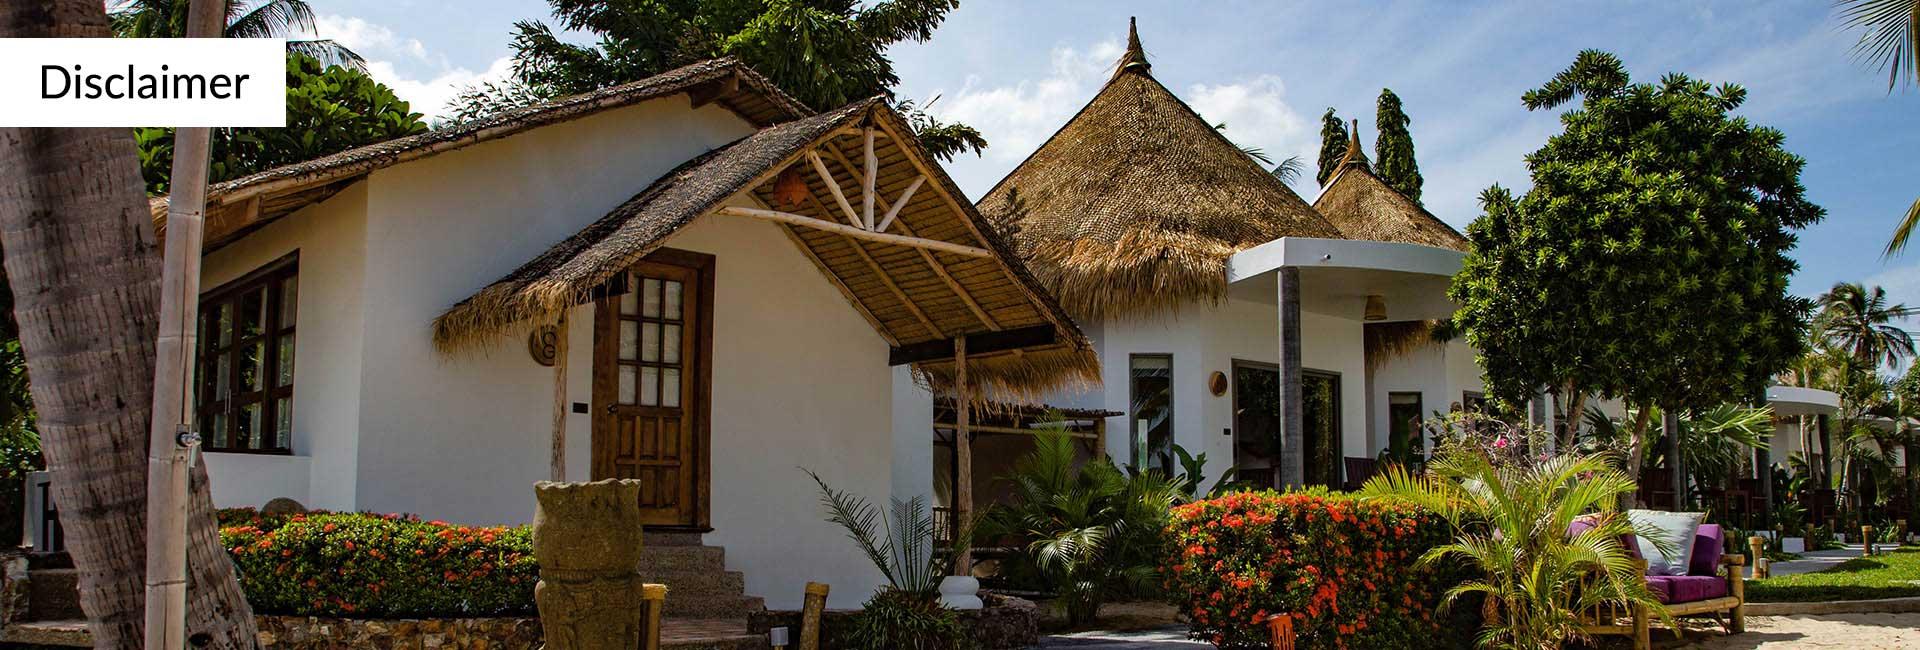 Secret Garden Beach Resort & Restaurant, Koh Samui, Thailand